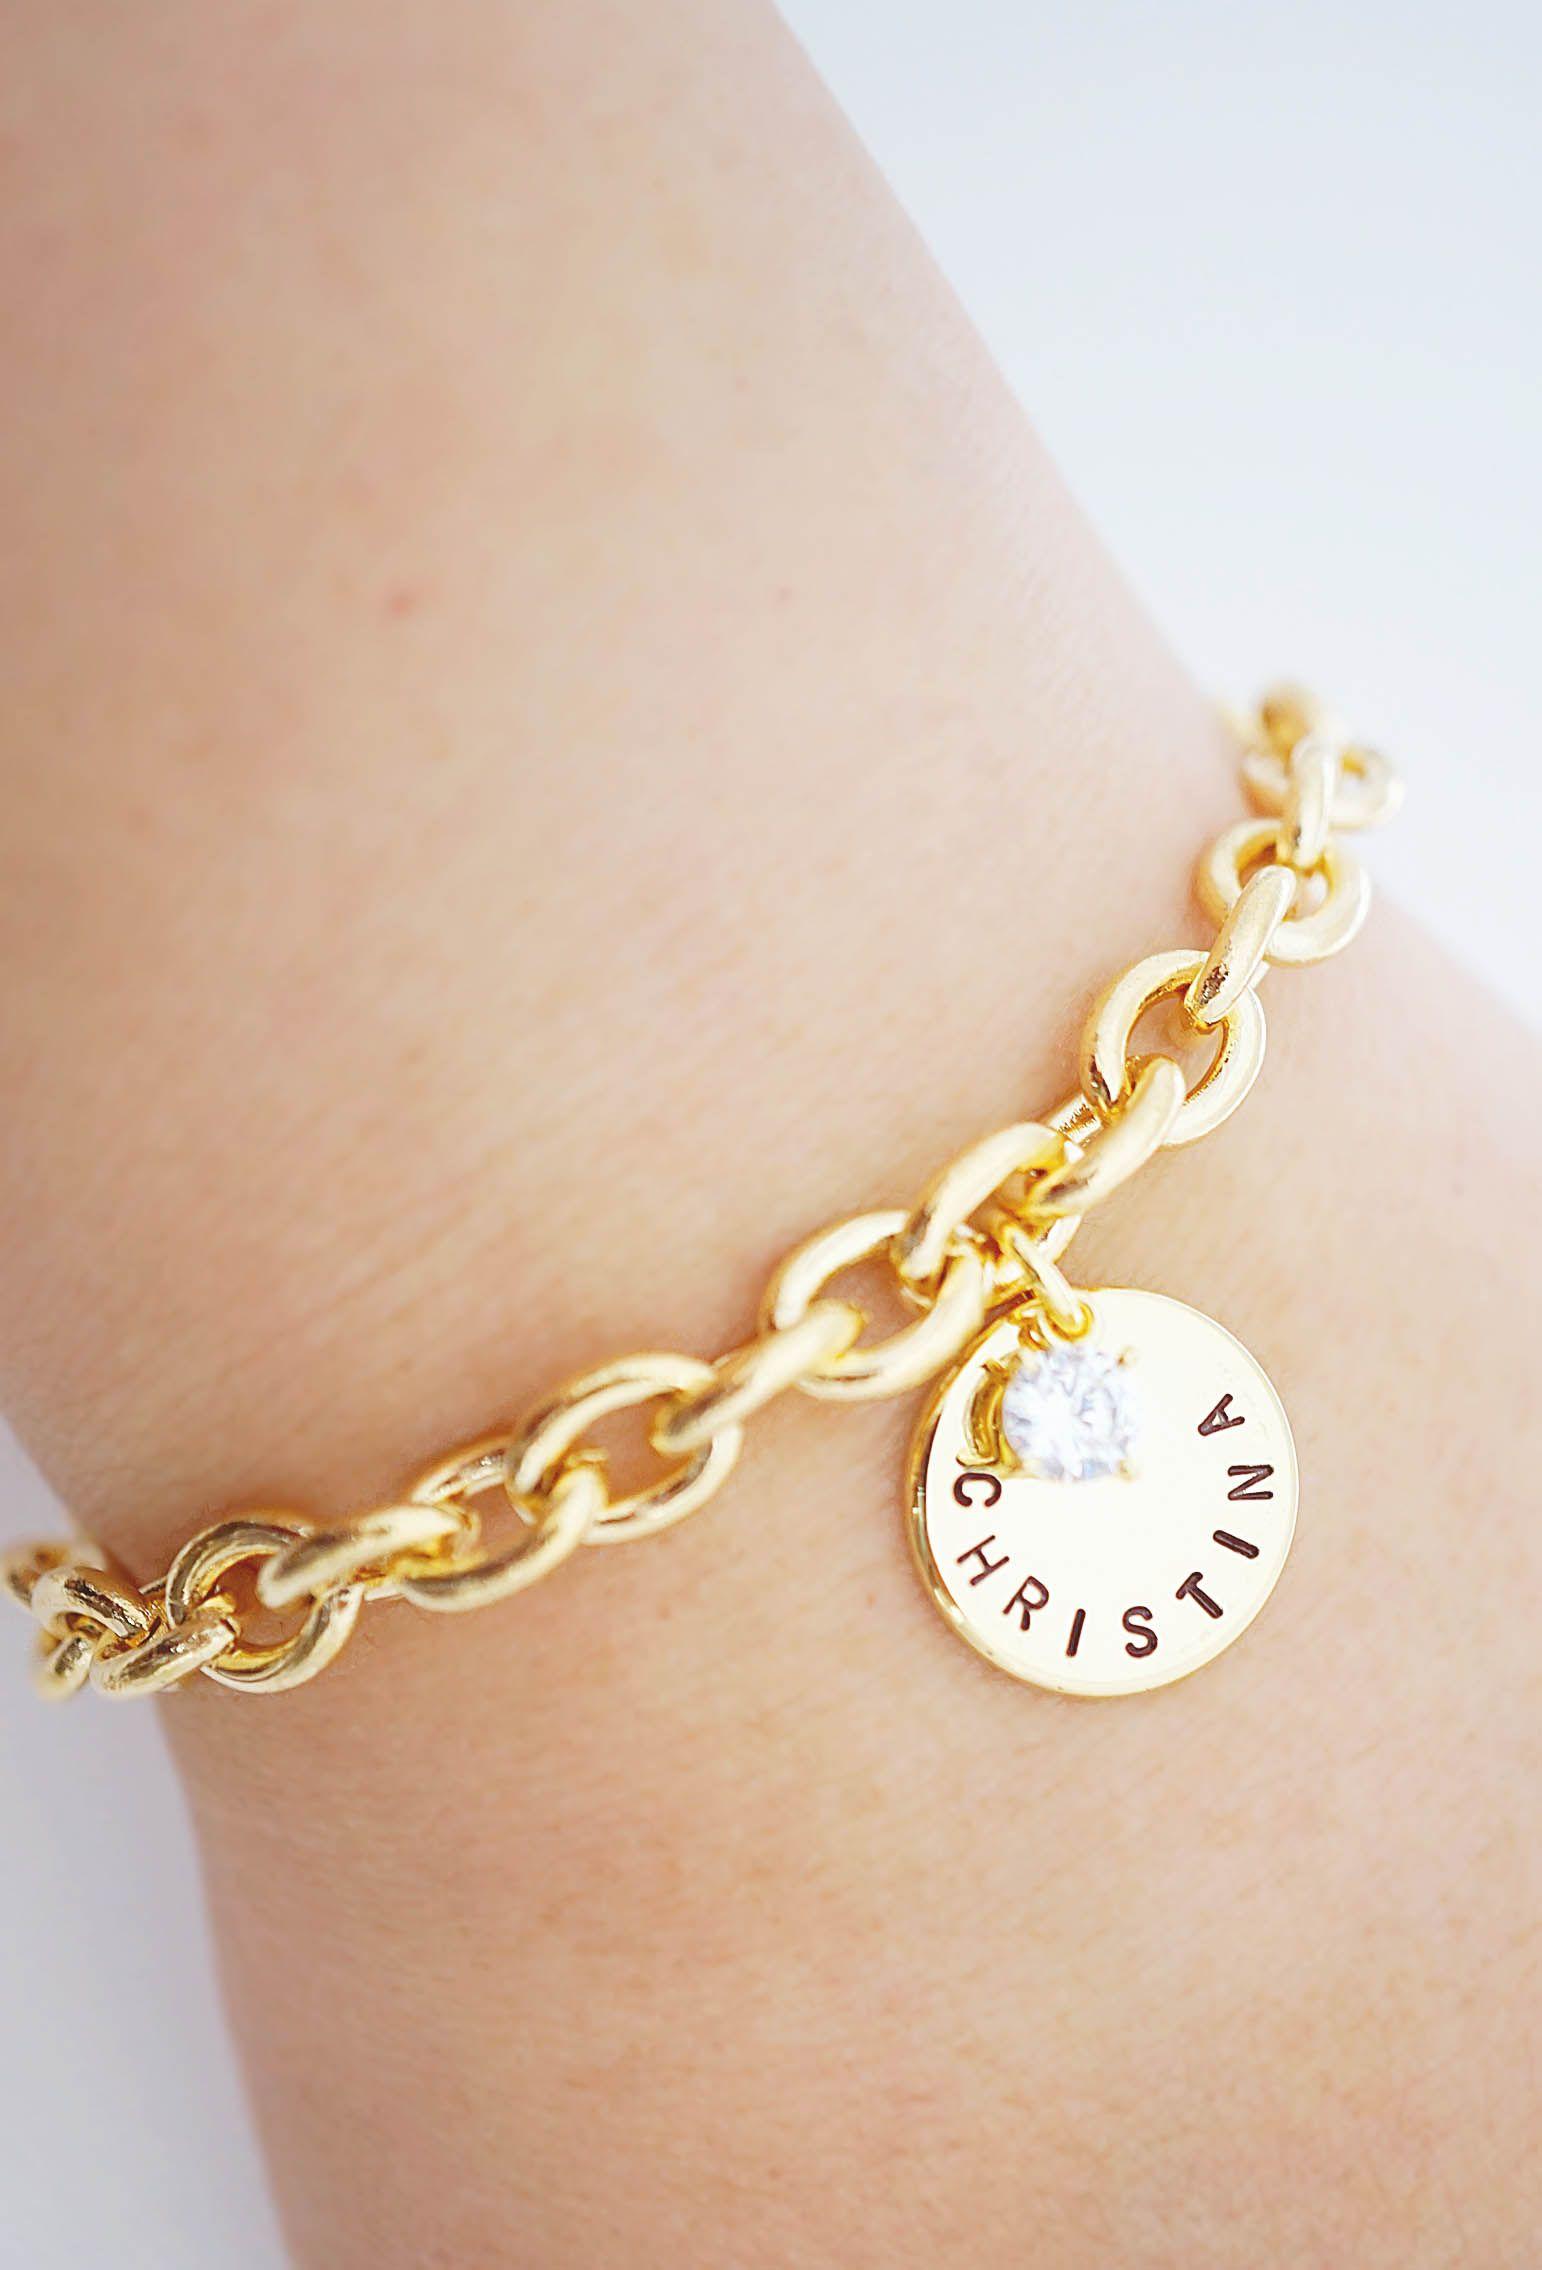 How to chunky wear bracelets best photo